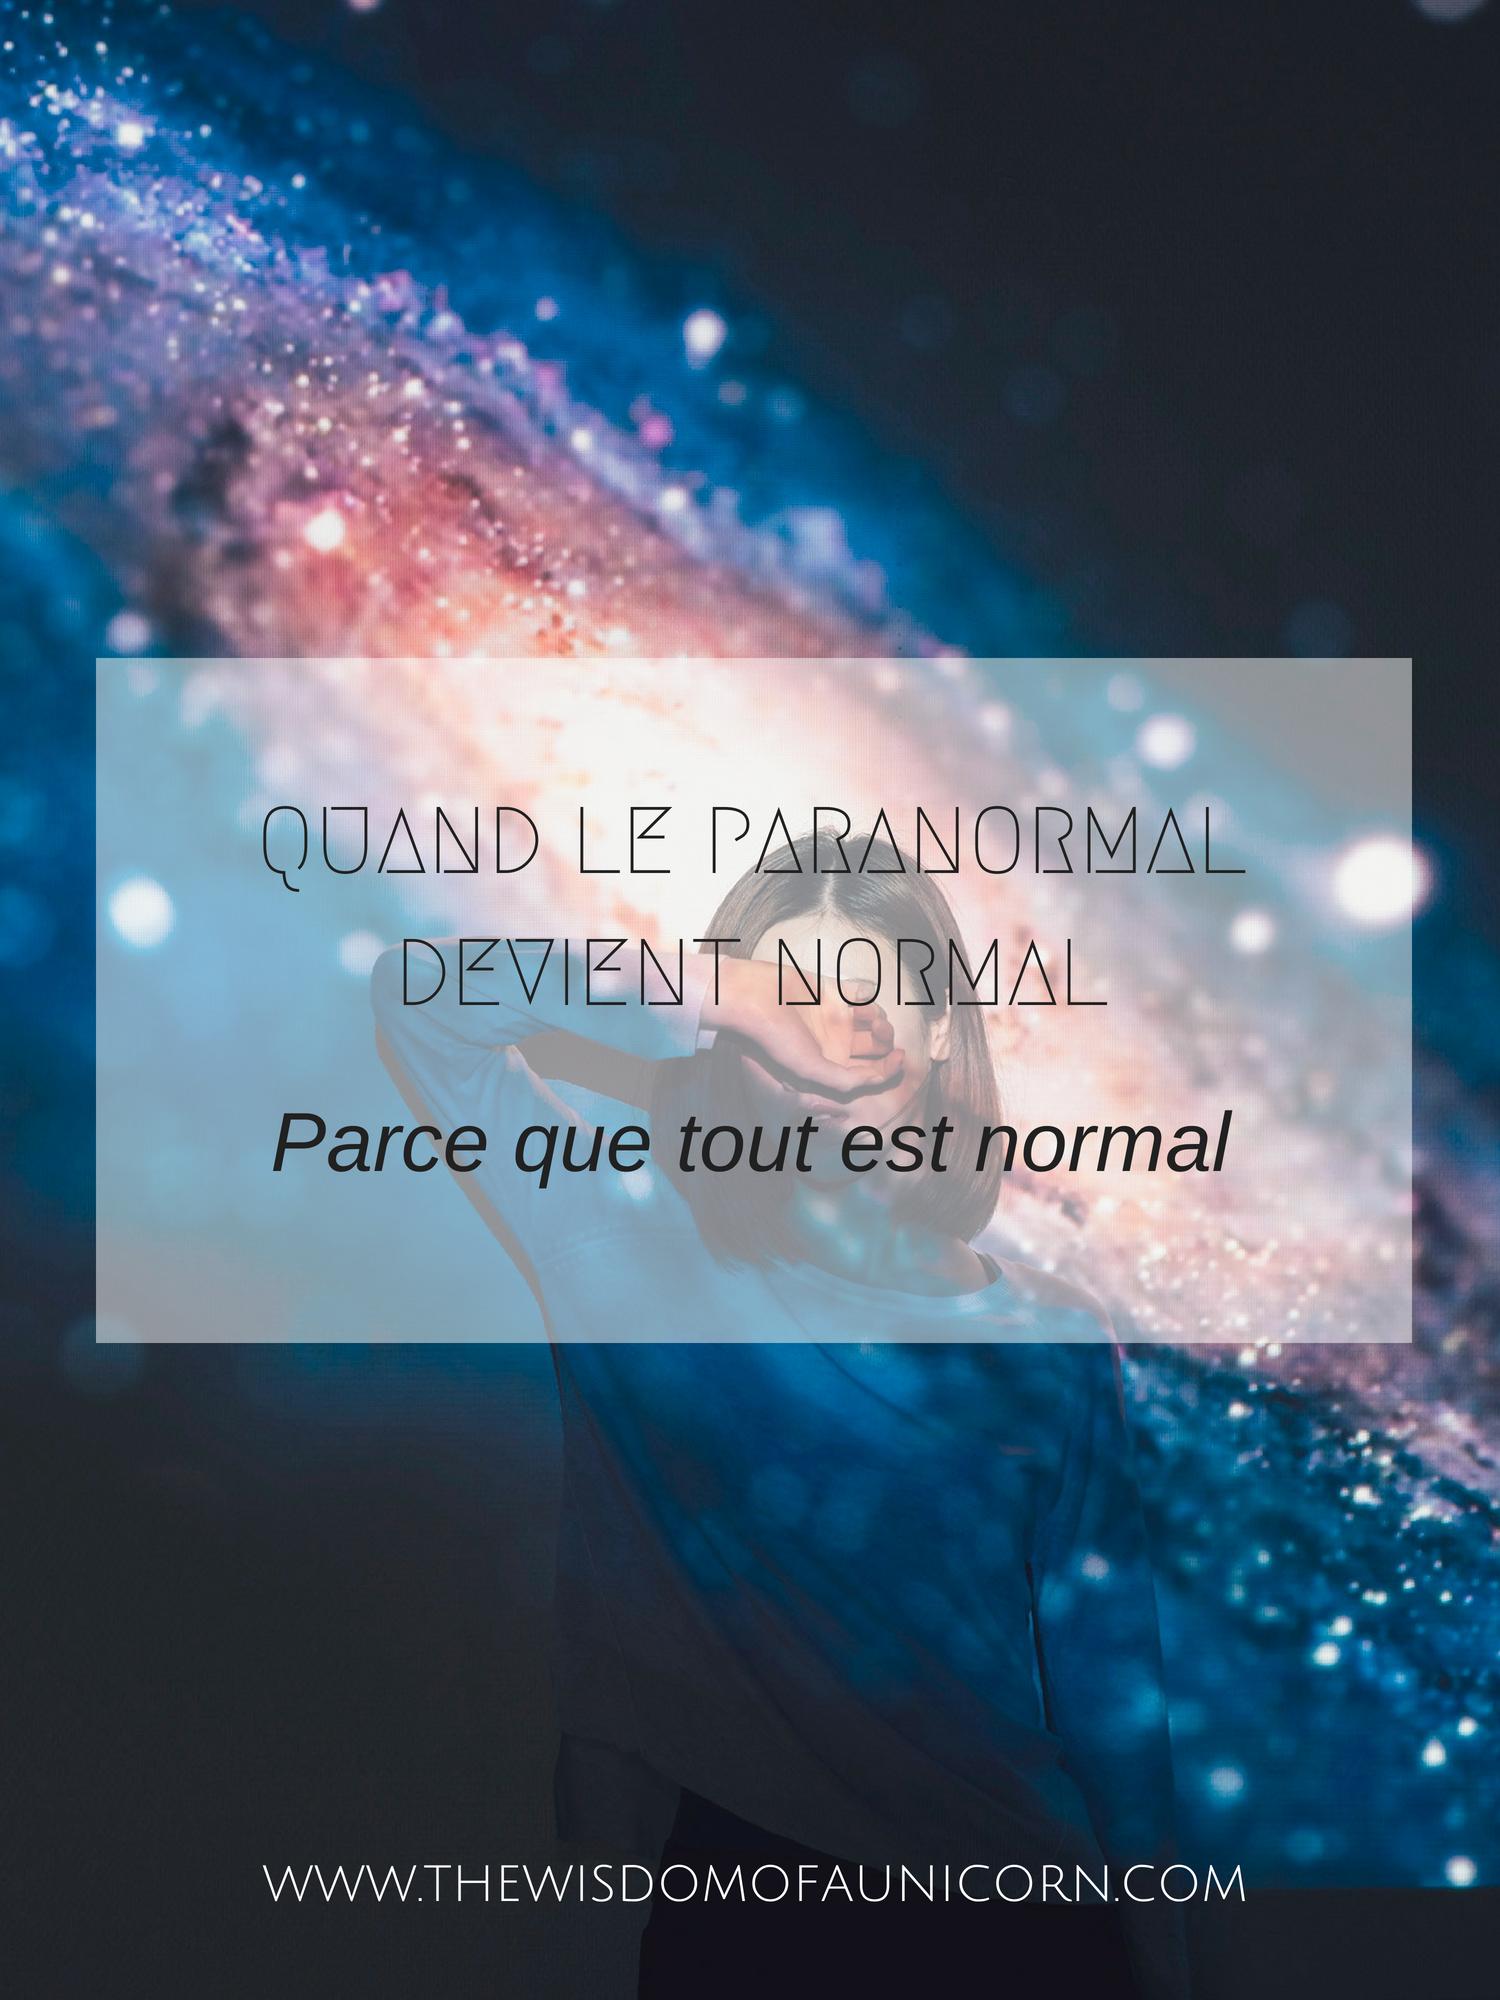 Quand le paranormal devient normal